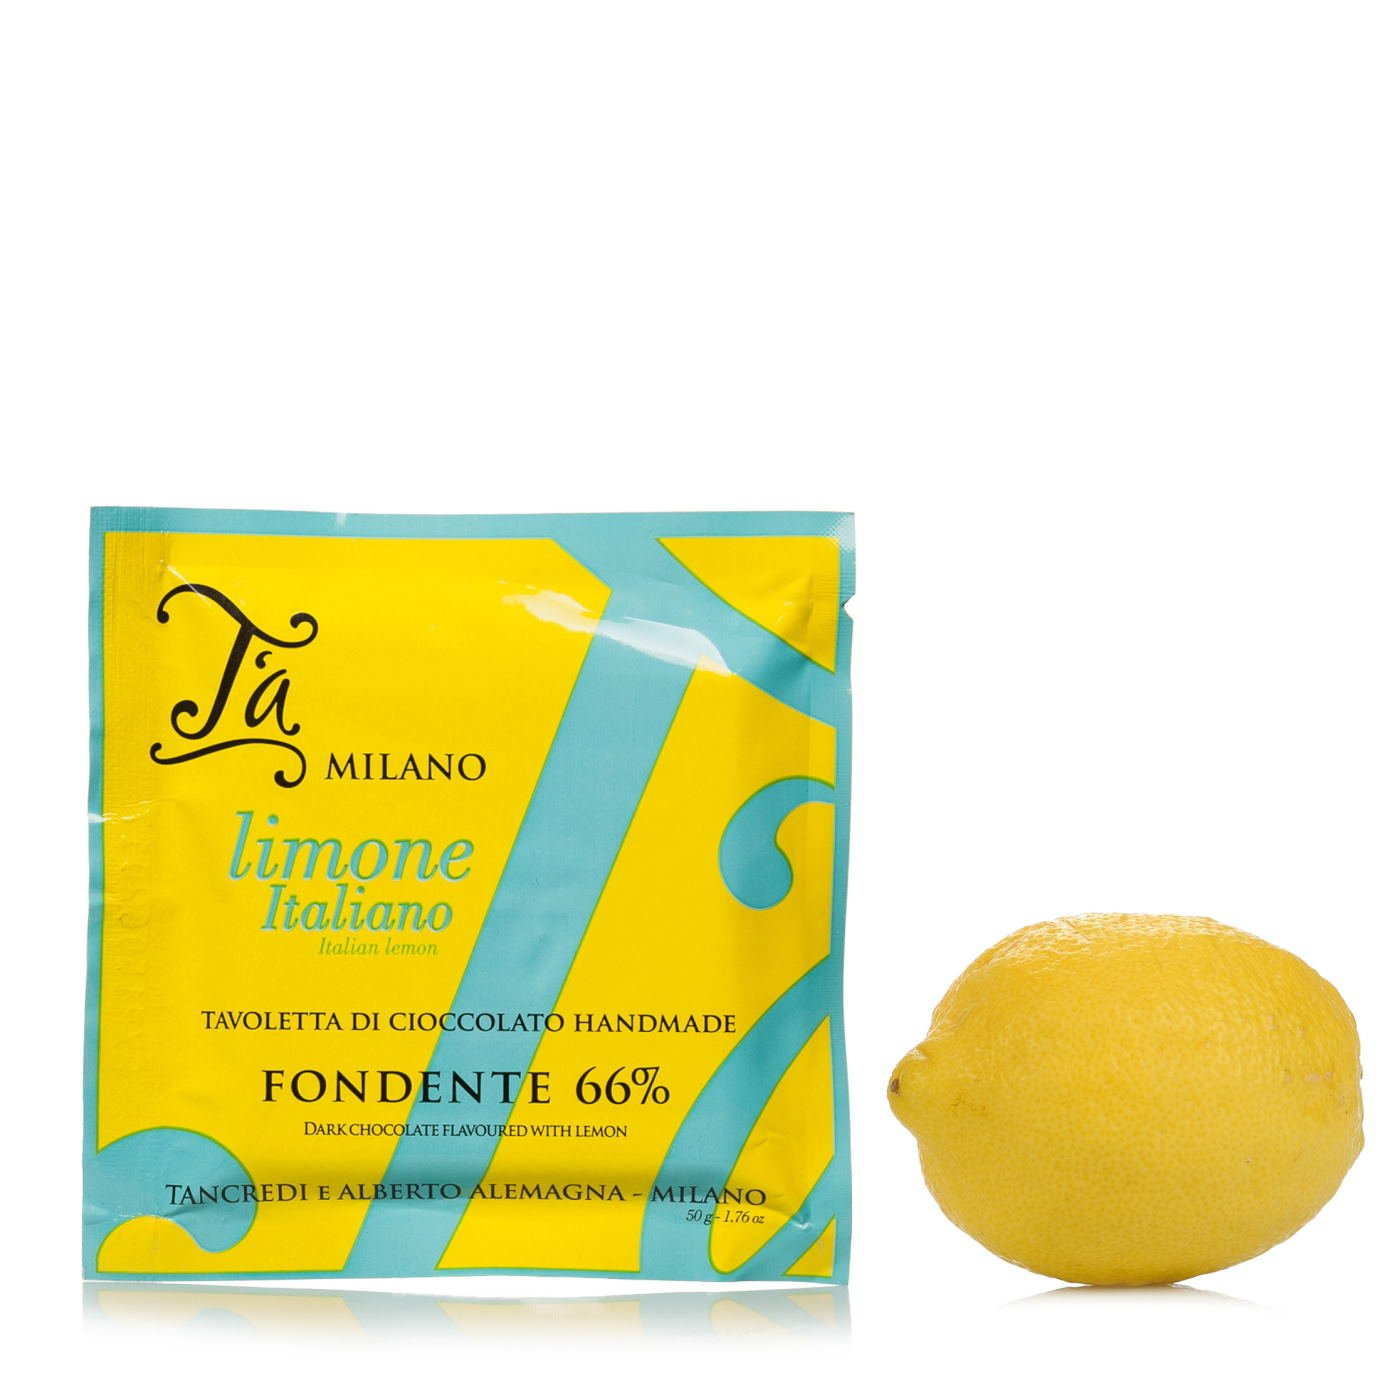 Tavoletta Di Cioccolato Aromatizzata Al Limone 50g Ta Milano Eataly